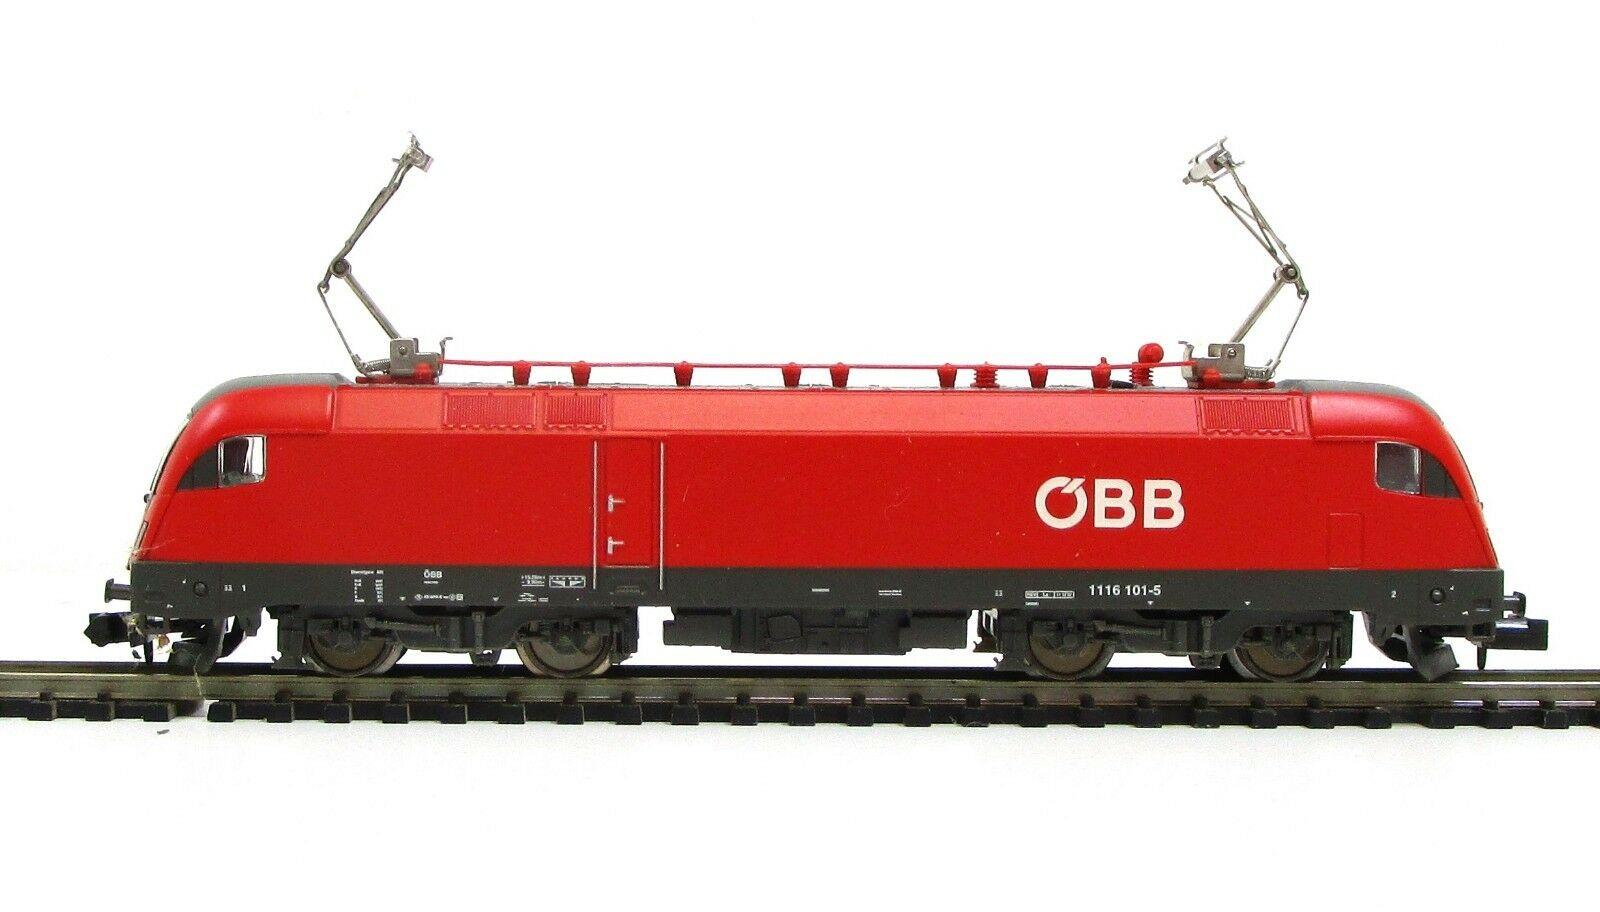 画像3: 鉄道模型 ミニトリックス MiniTrix 12764 OBB BR 1116 101-5 電気機関車 Nゲージ